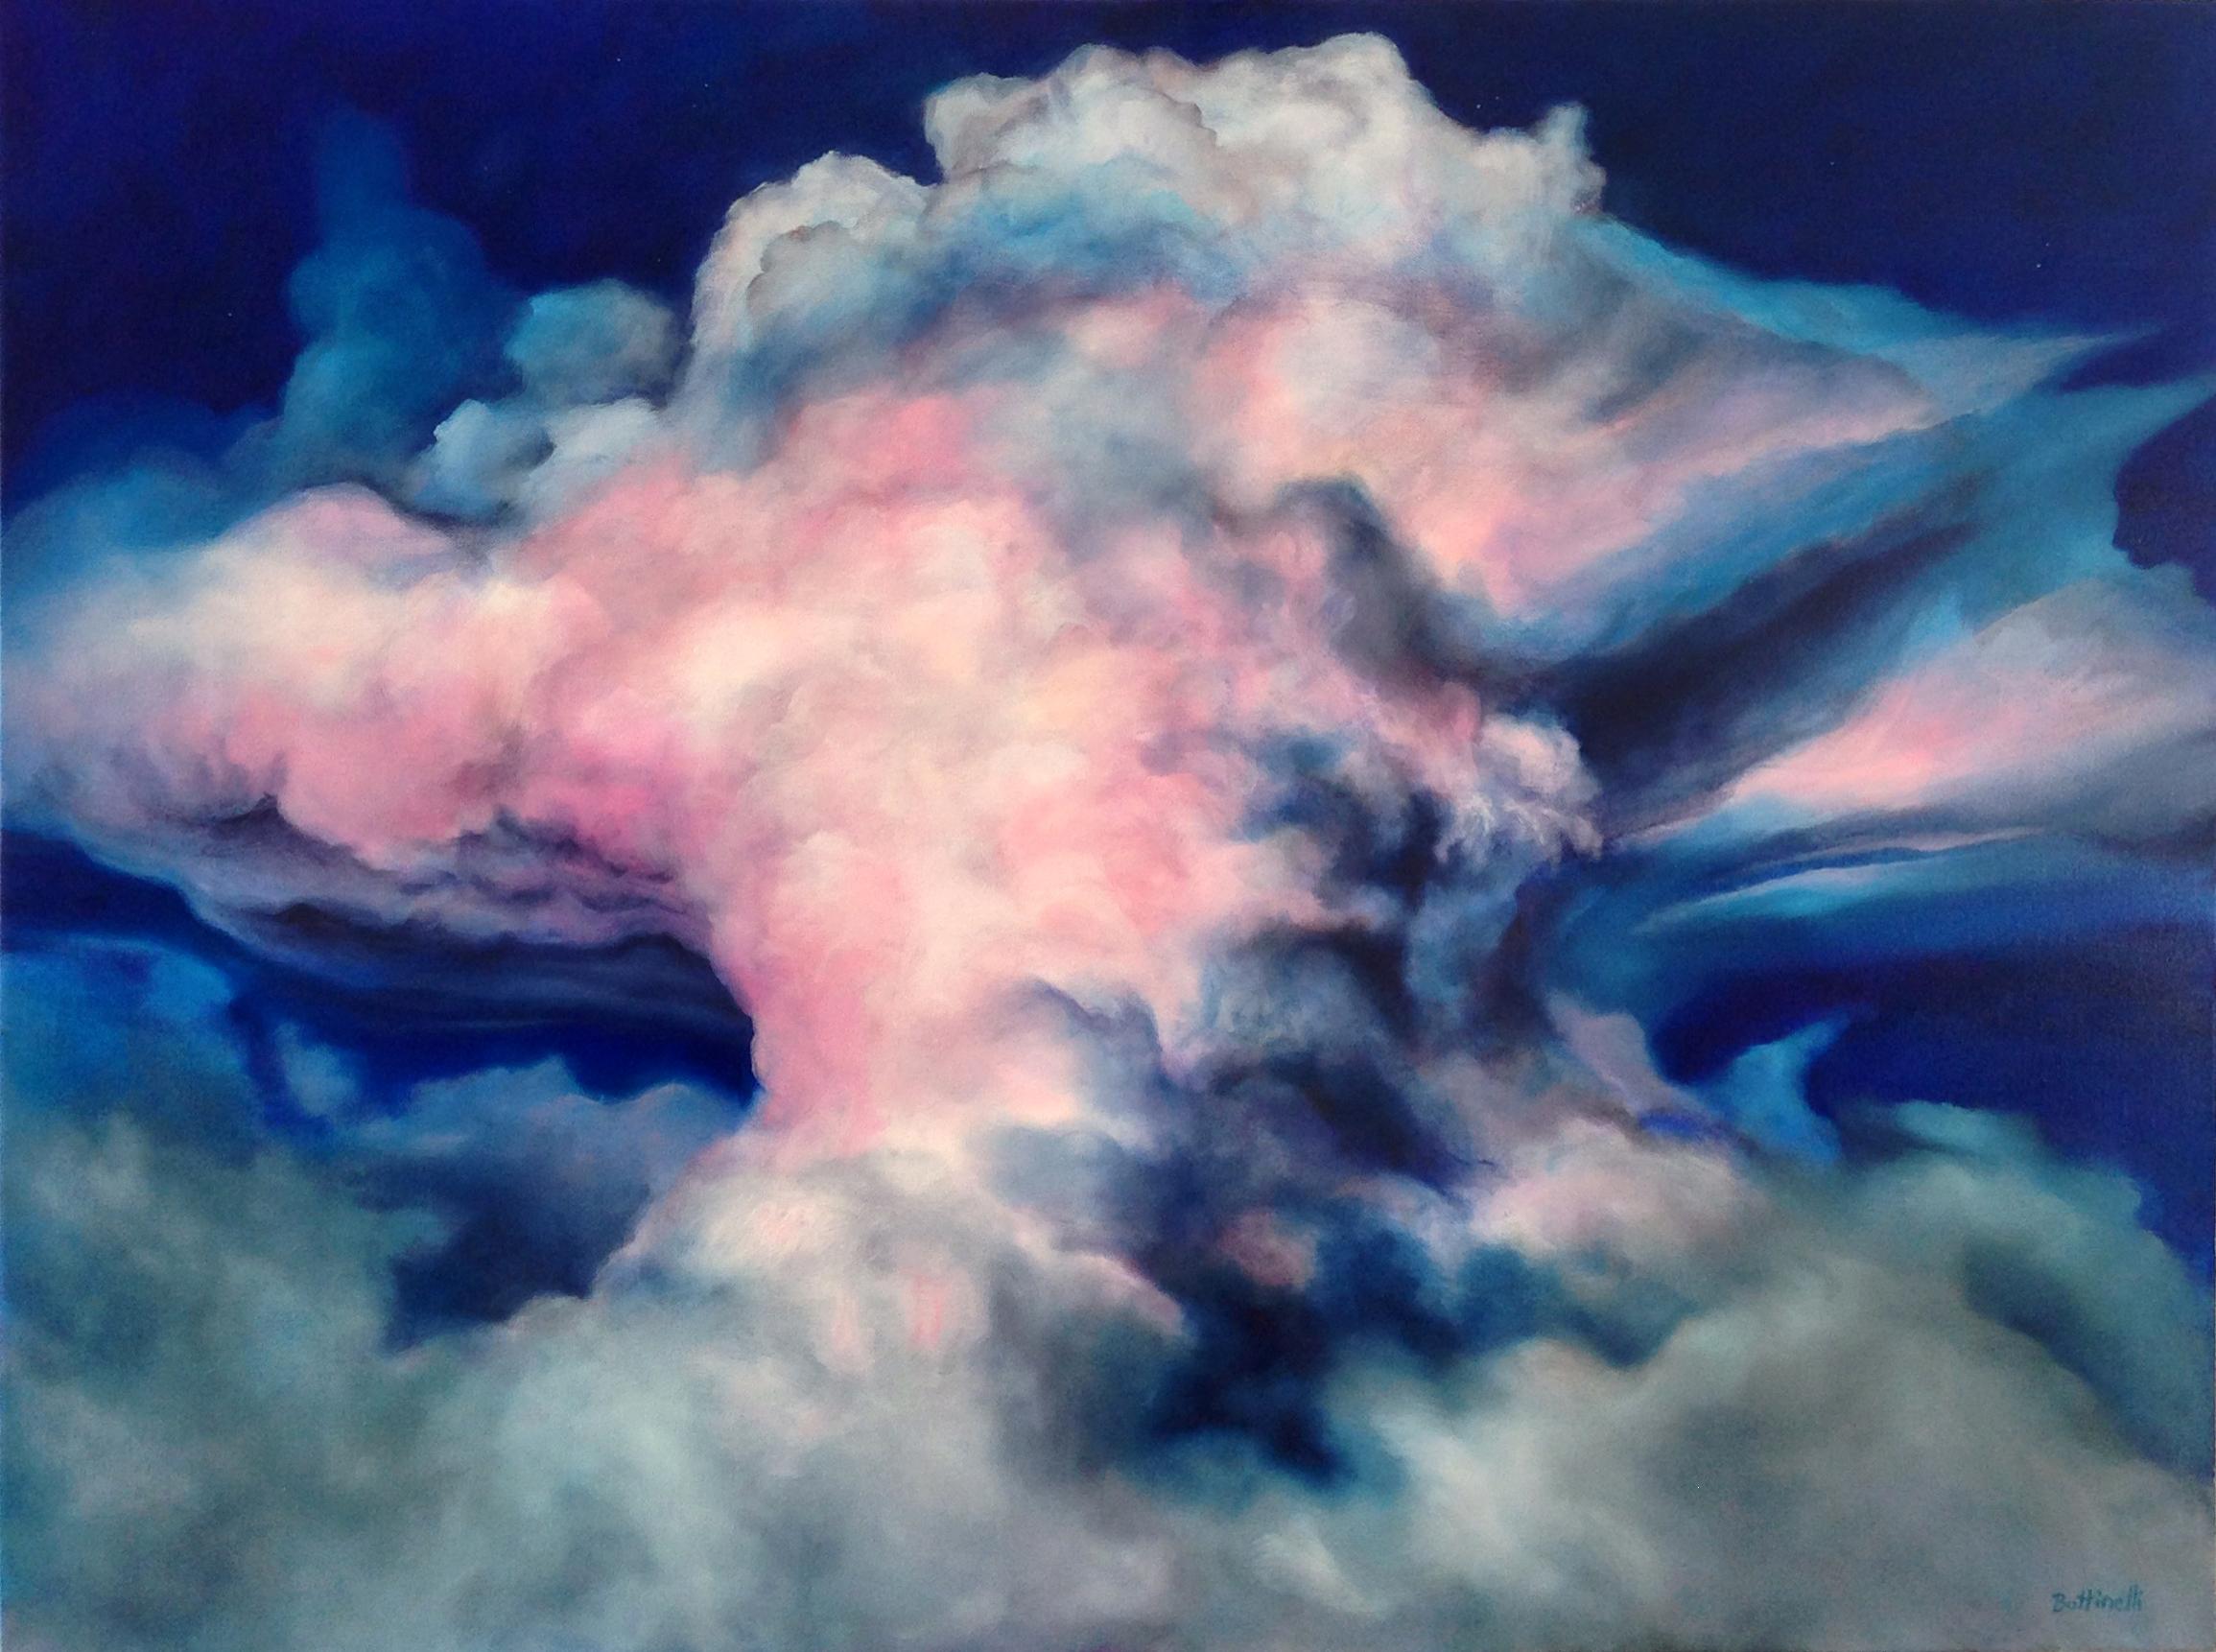 Cloudnine sswmmm